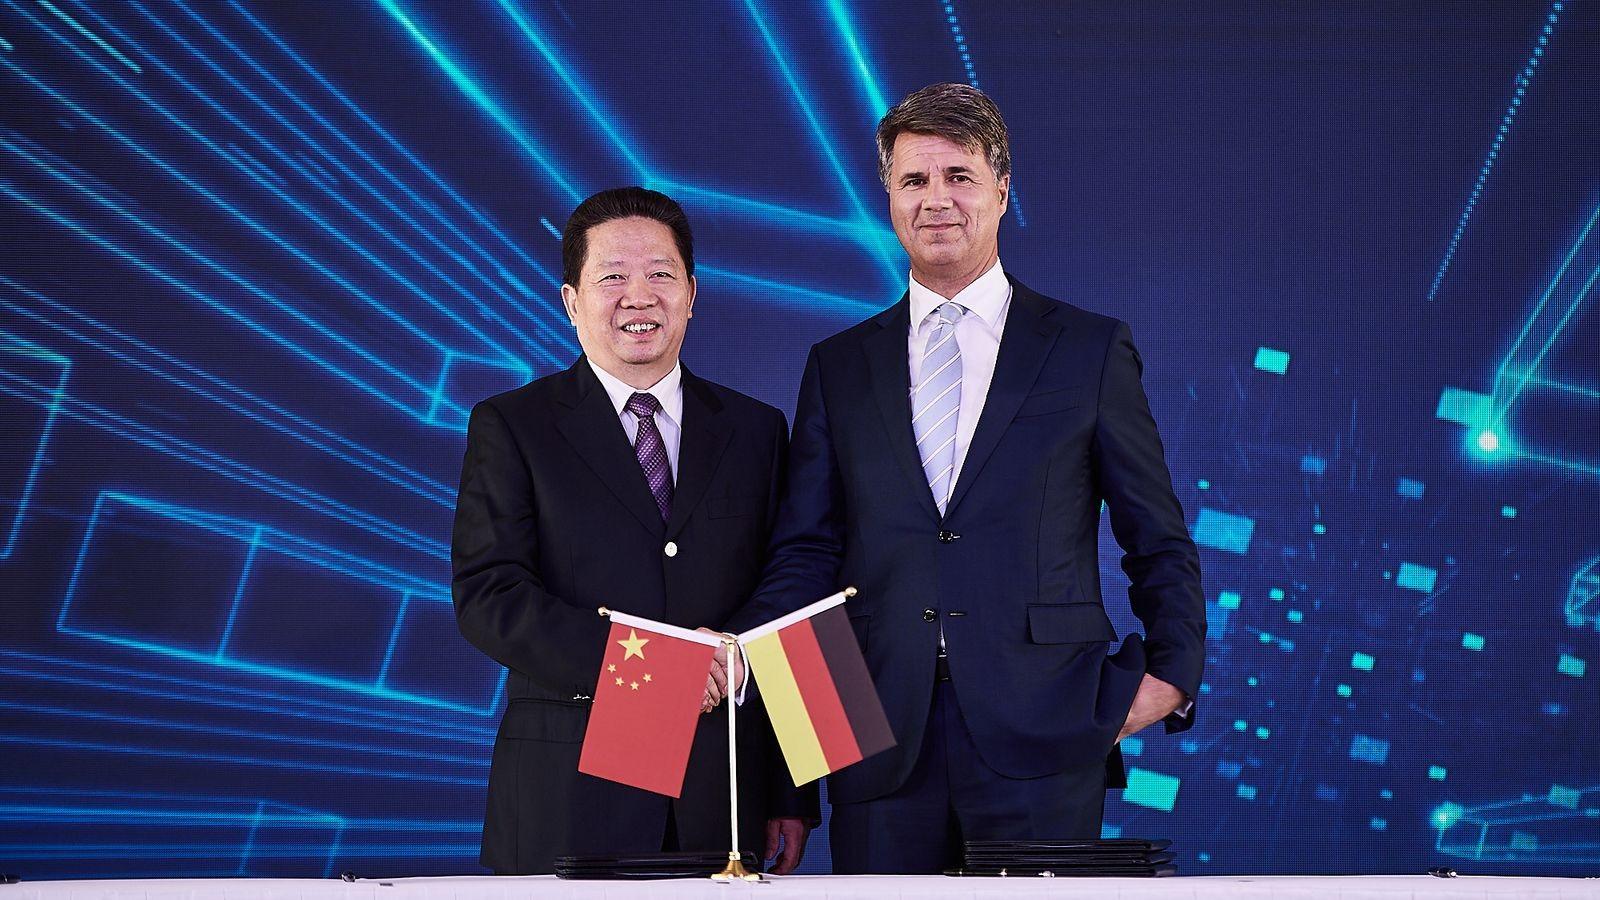 Региональный секретарь Компартии Китая в провинции Ляонин Чен Киуфа и глава BMW Харальд Крюгер жмут руки в знак достижения соглашения о сделке в рамках совместного предприятия BBA.